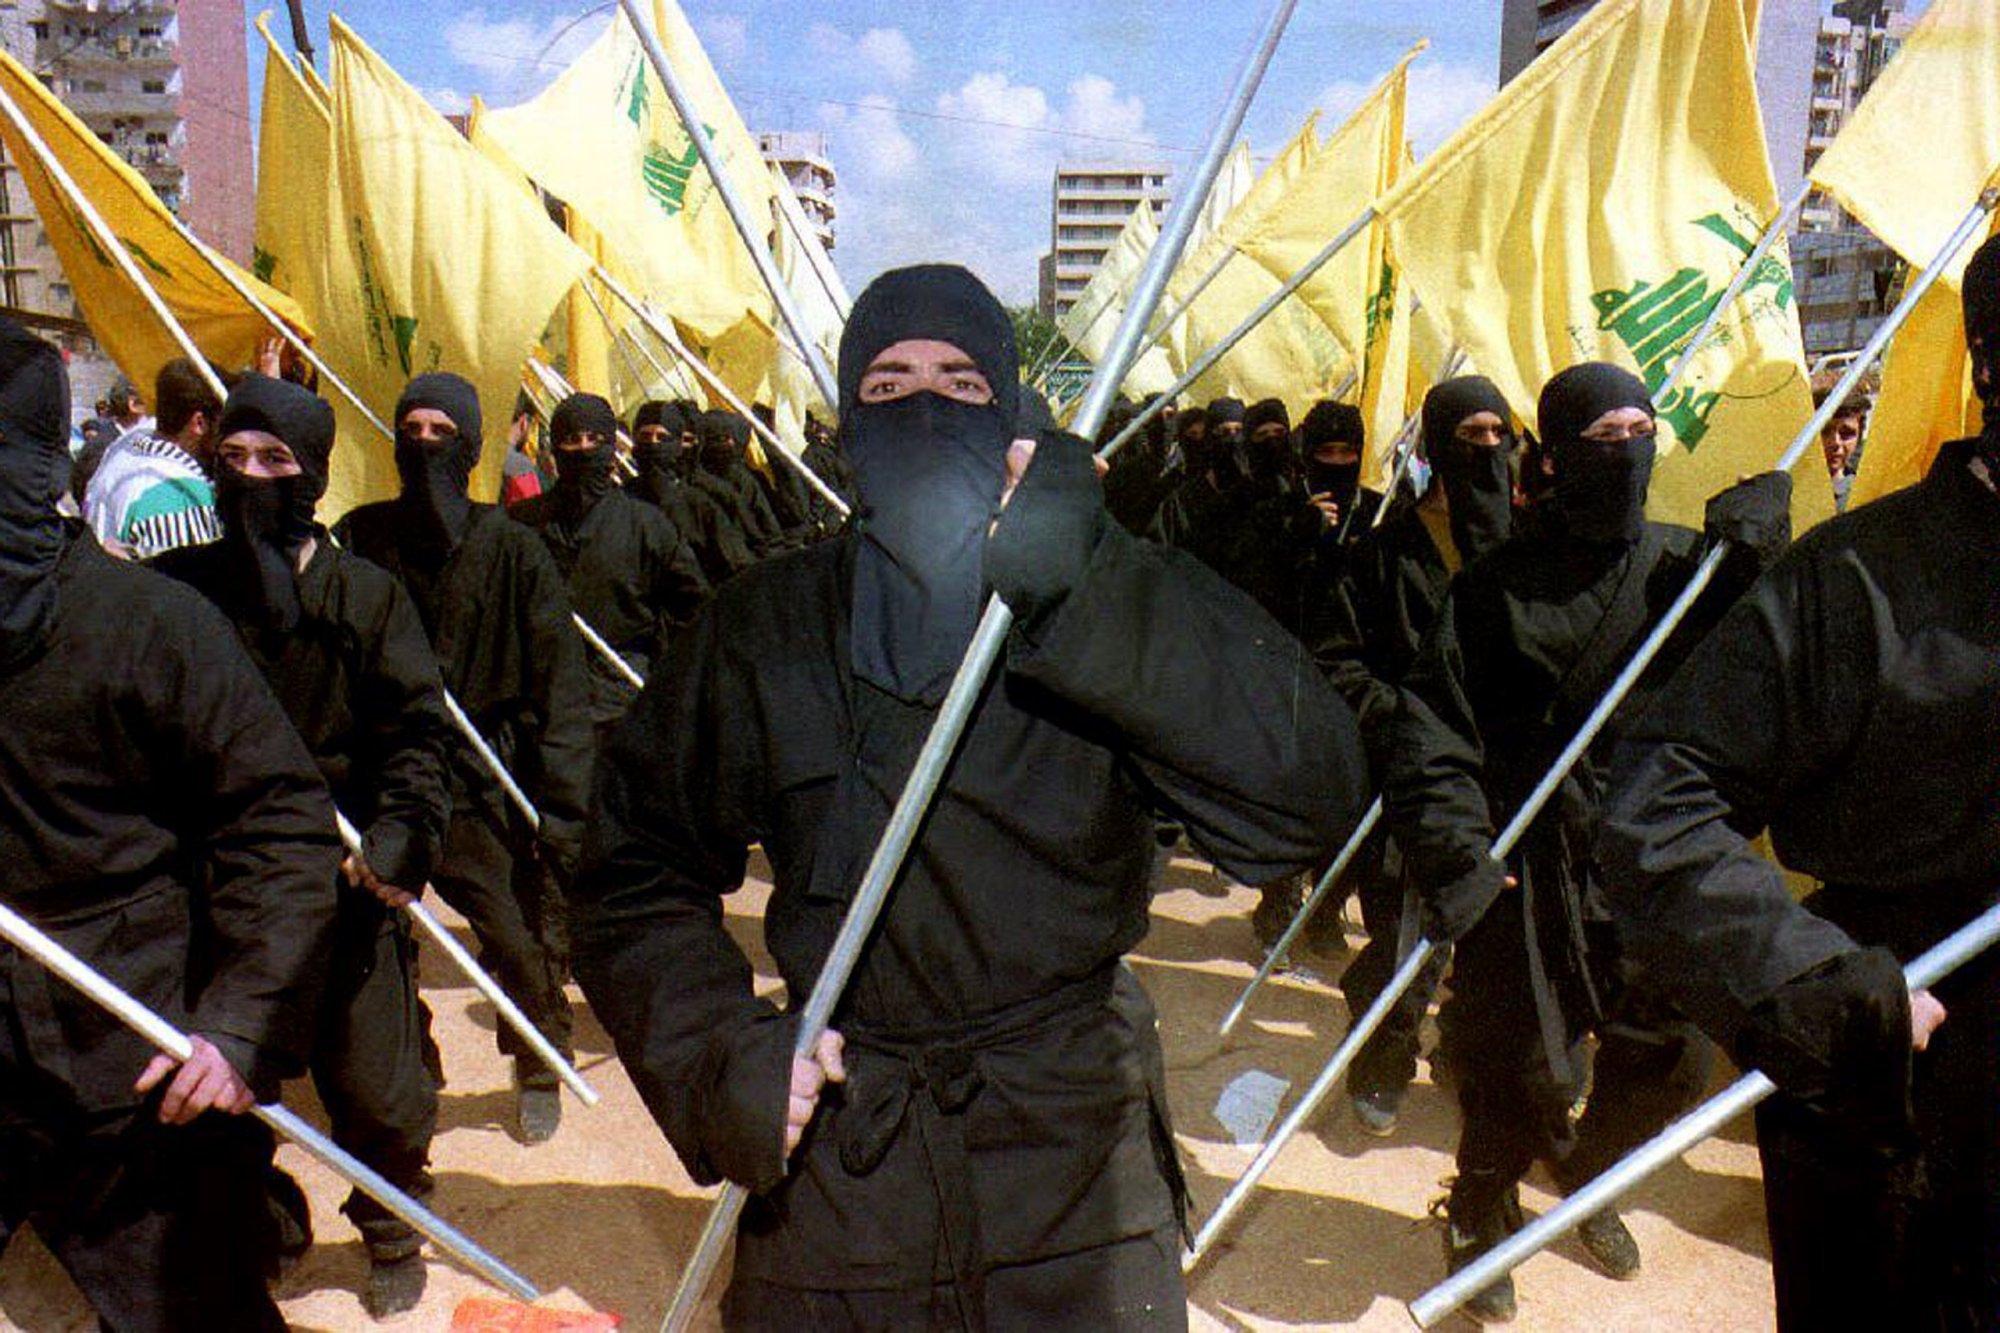 من هي شخصيات حزب الله المدرجة على قائمة الارهاب ؟